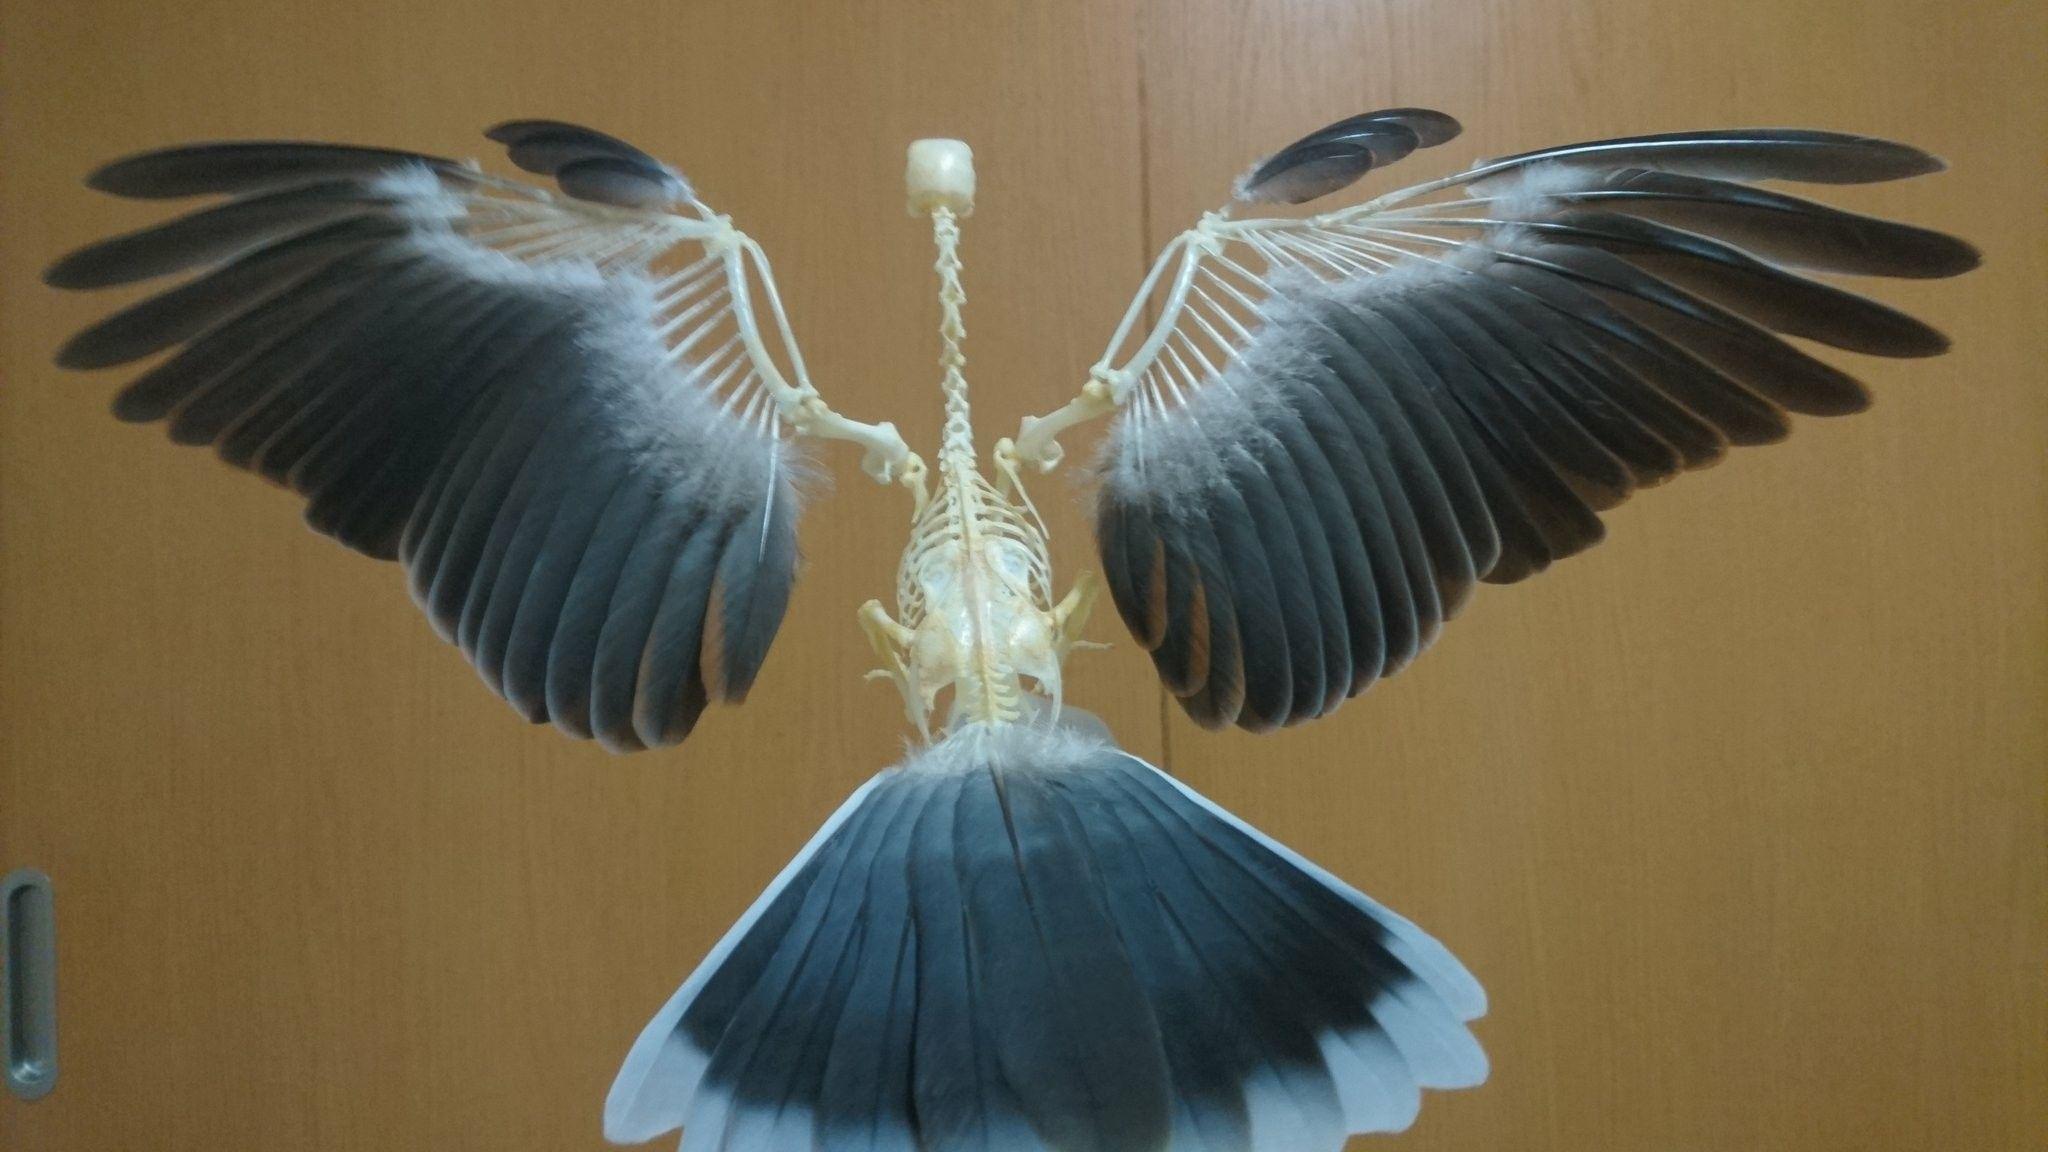 Pin de nicky liu en Birds | Pinterest | Calva, Anatomía y Animales